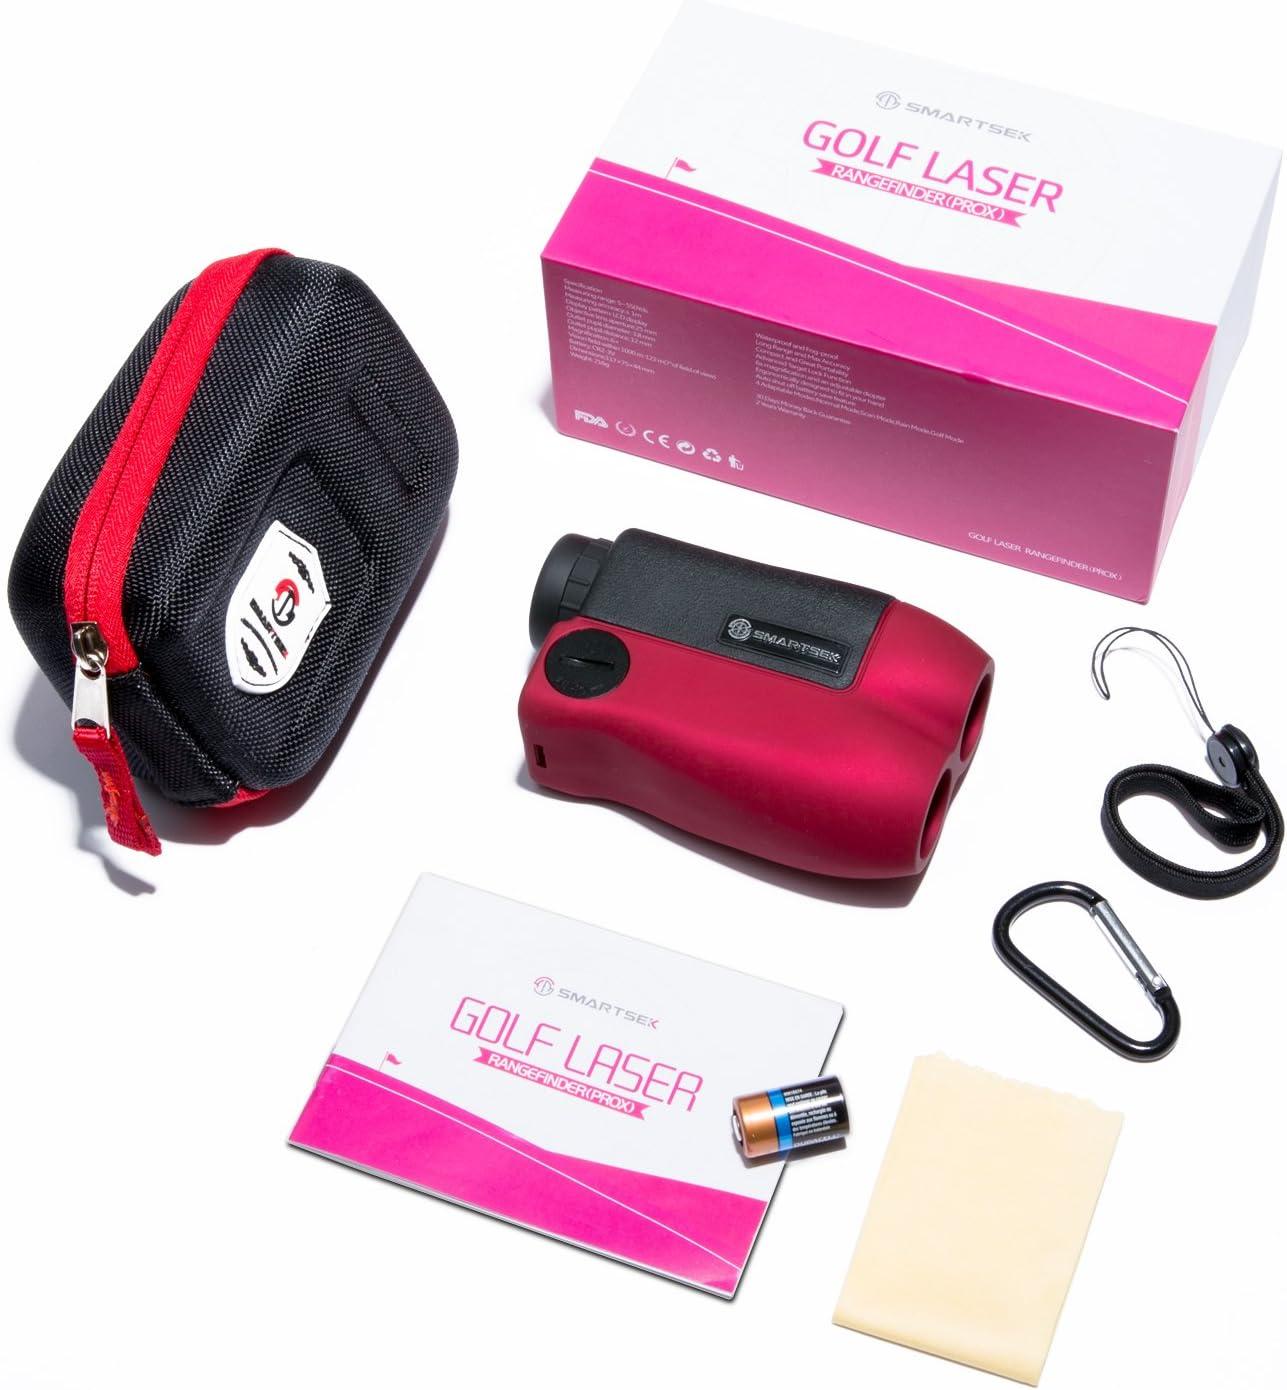 SMARTSEK Golf Rangefinder Laser Distance Finder for Hunting Golf Waterproof Portable Range Finder Battery Included